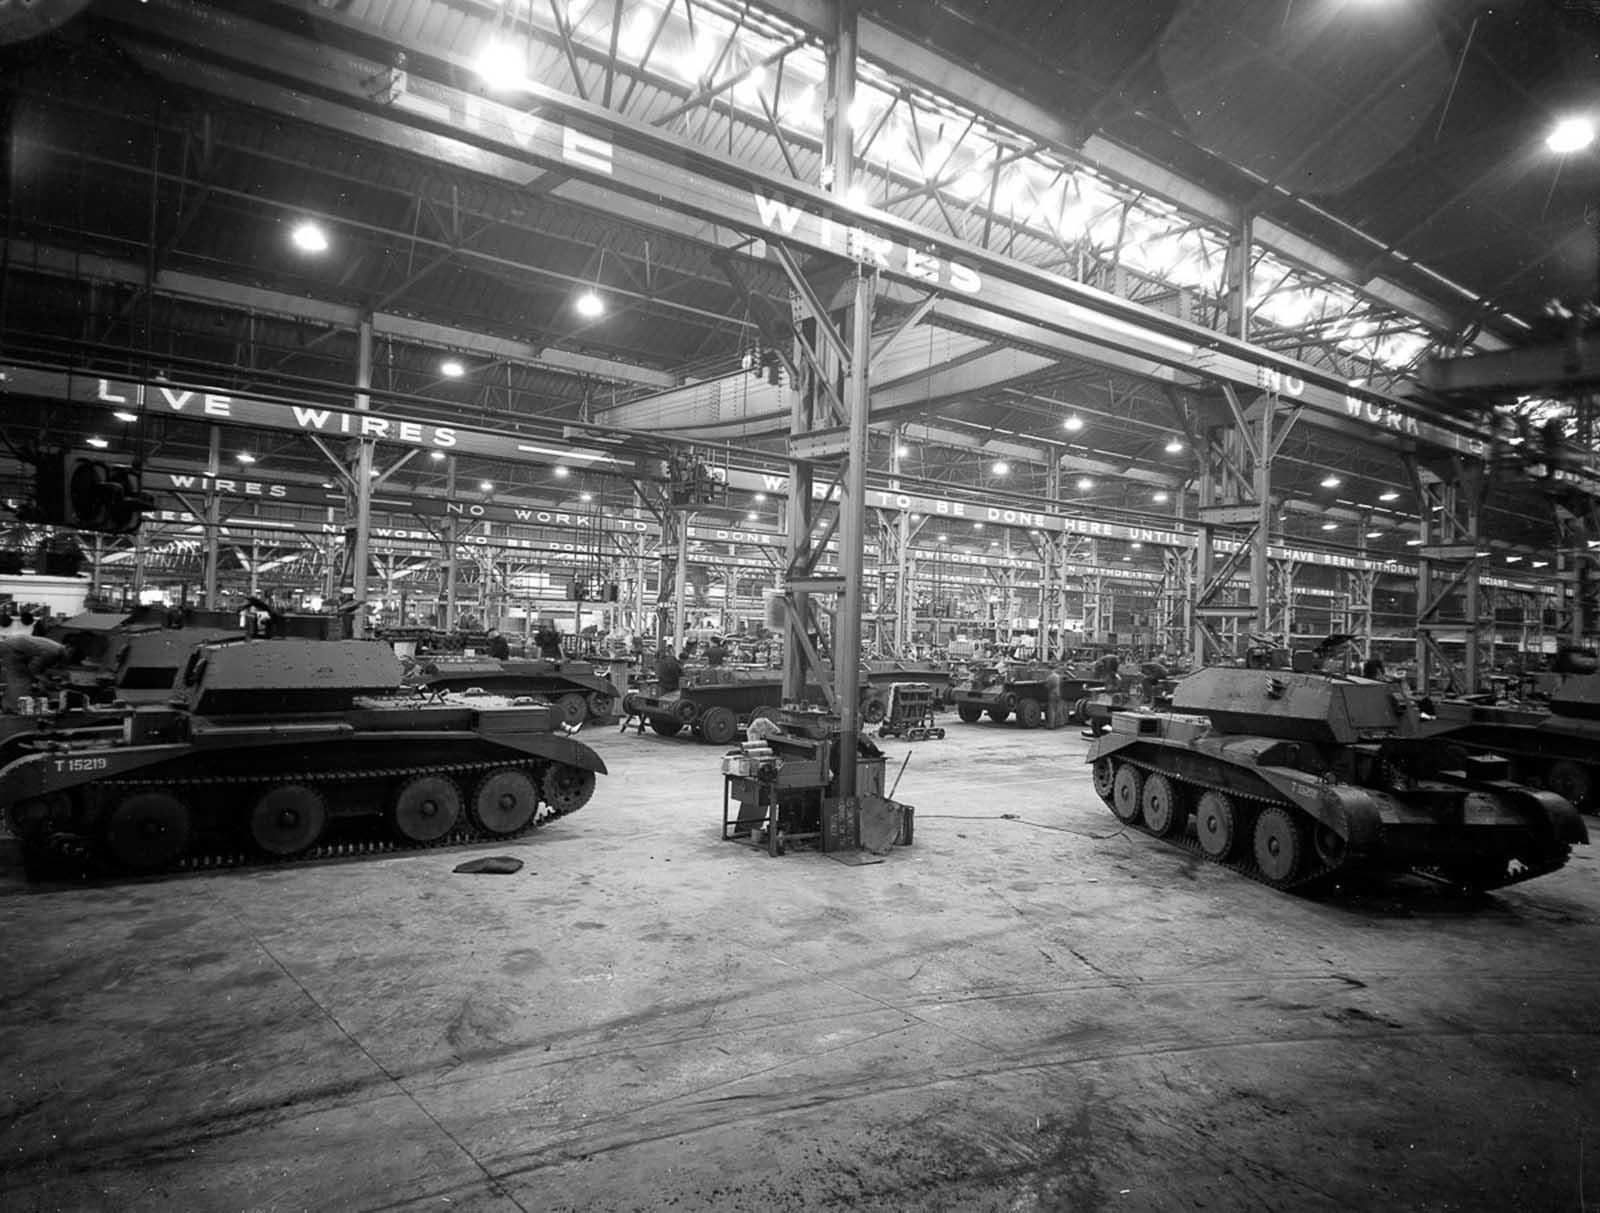 Una fábrica de tanques del Ministerio de Abastecimiento en Gran Bretaña. 1940.